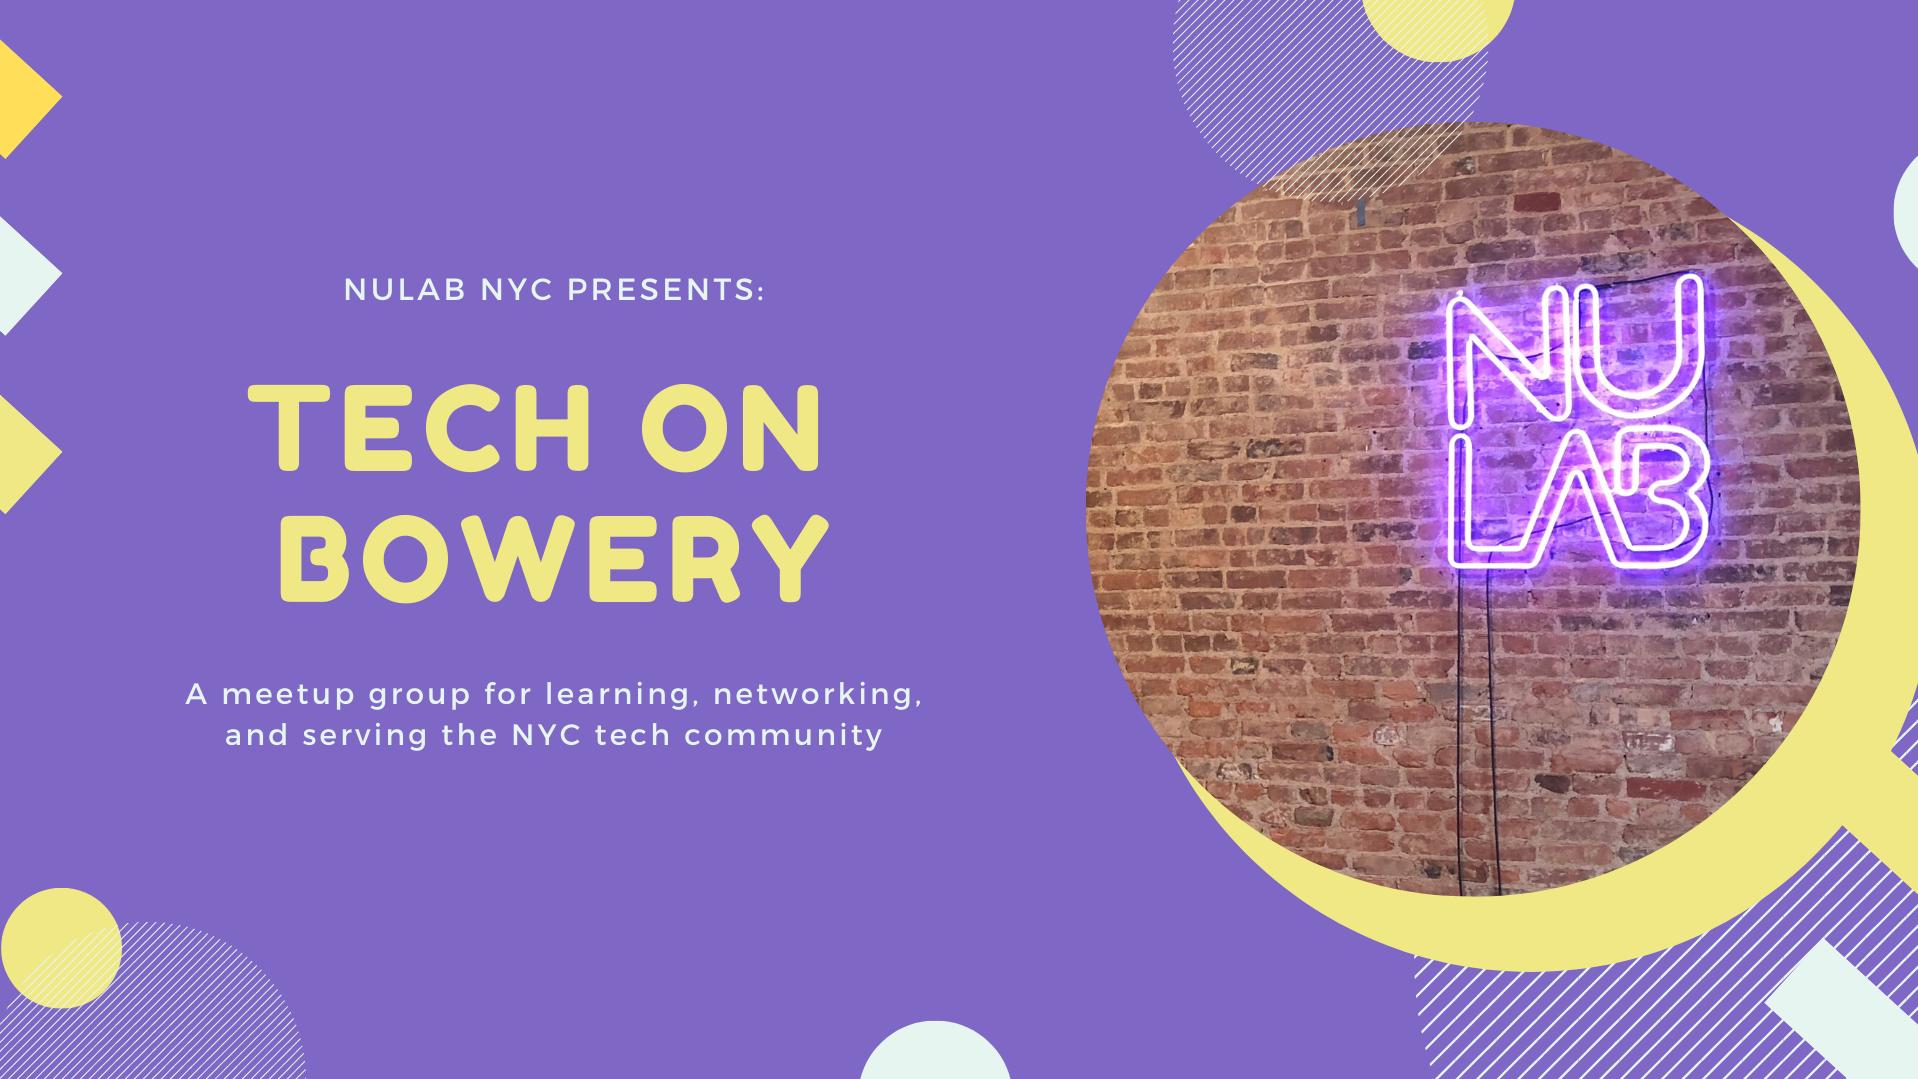 Tech on Bowery